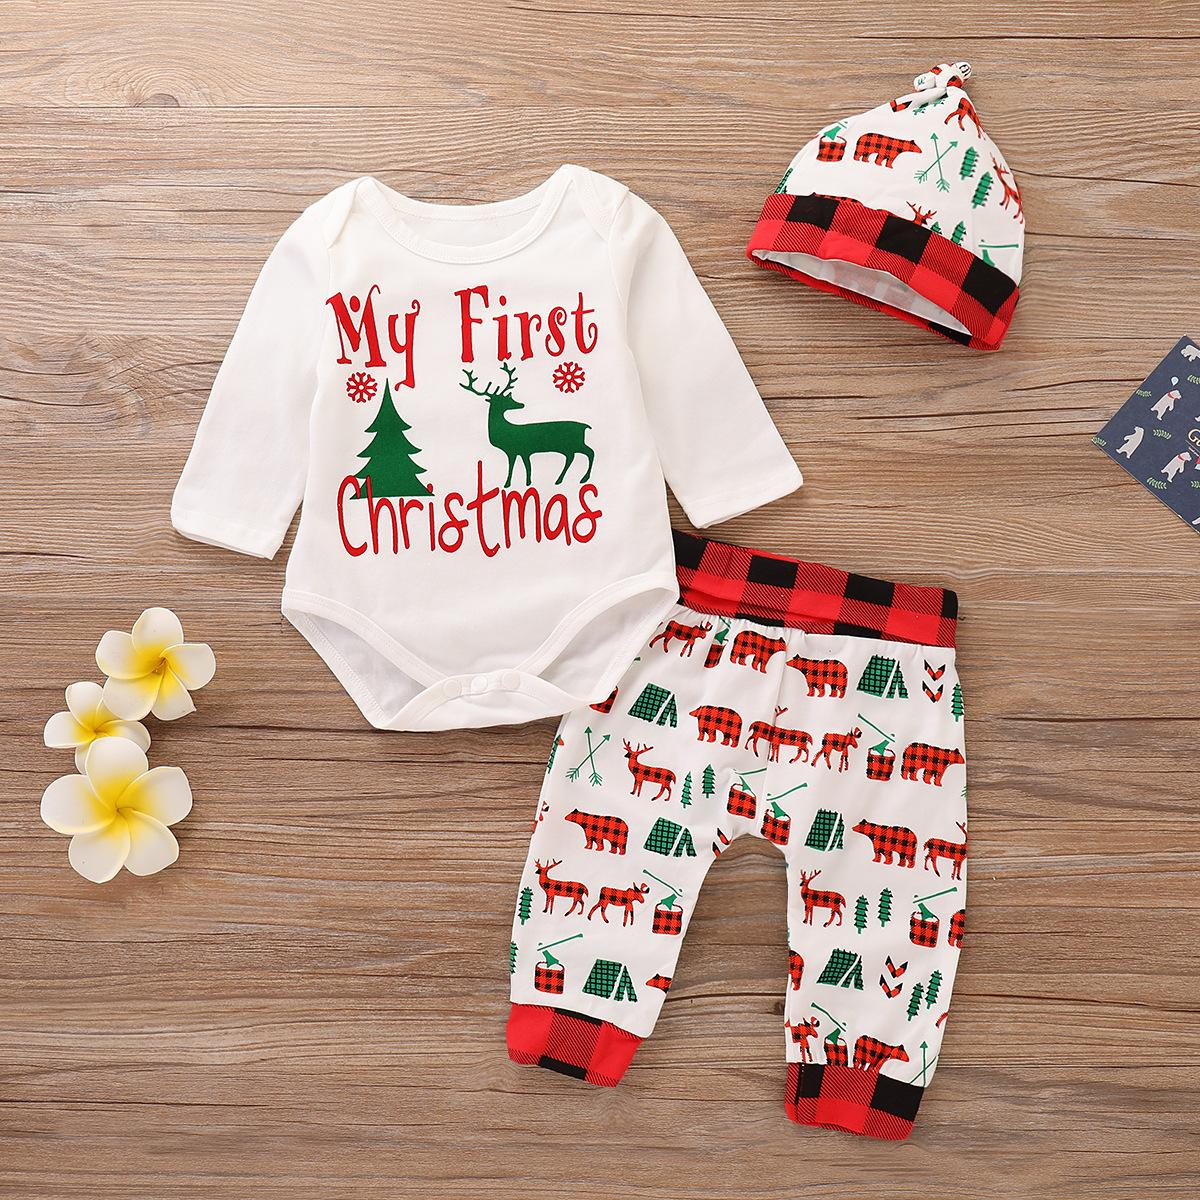 Mameluco infantil de Navidad + Pantalones + Sombrero Oso de ciervo Ropa de bebé a cuadros 100% algodón Explosión de año nuevo